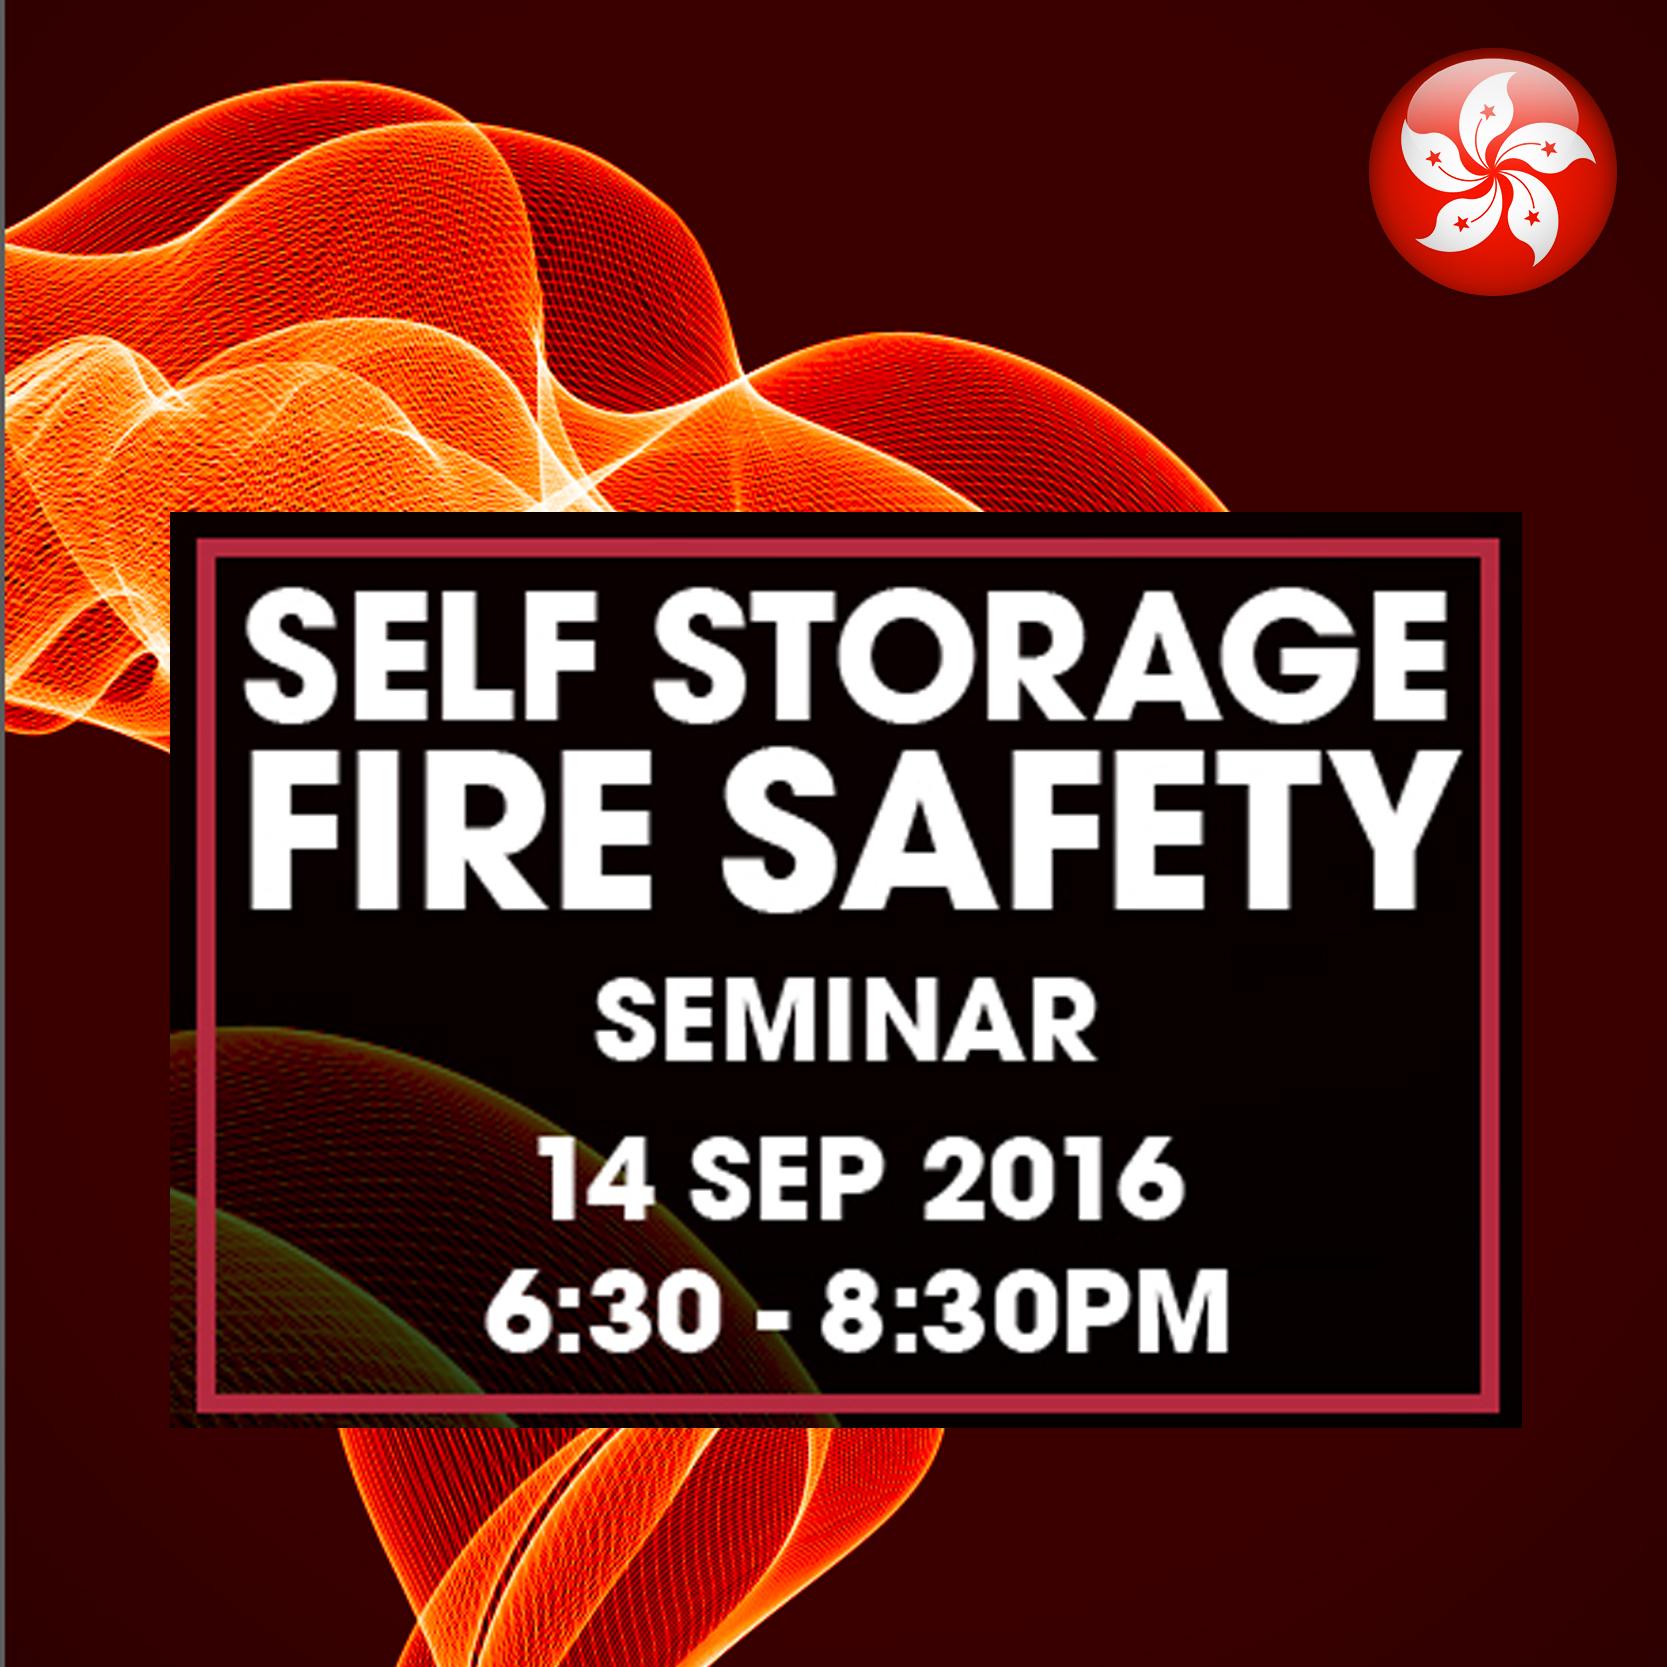 Sep 14 - Self Storage Fire Safety Seminar @ Hong Kong